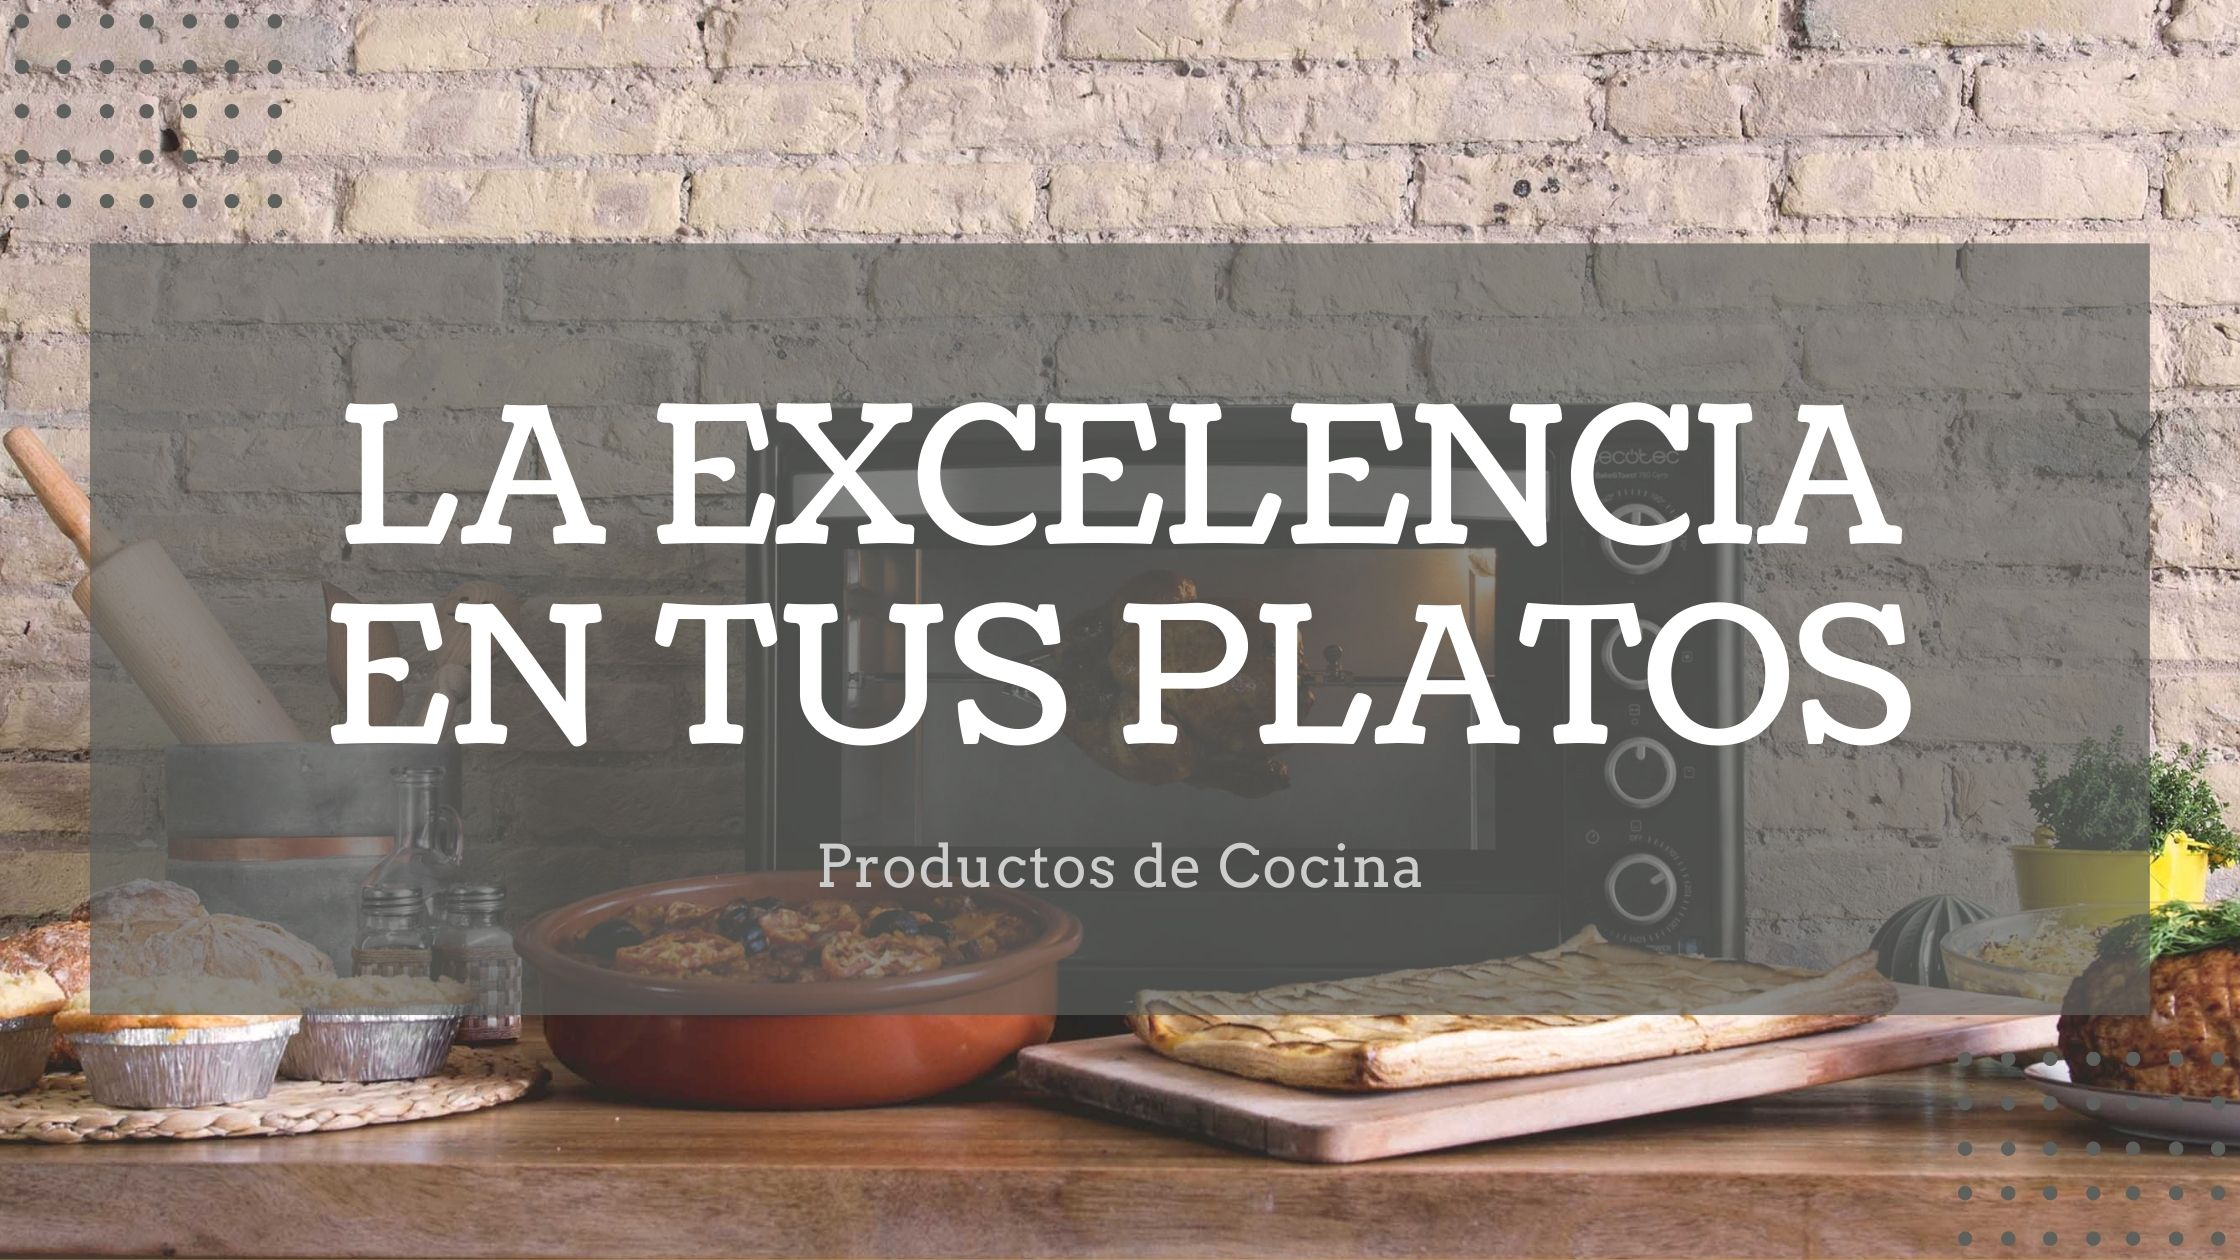 La excelencia en tus platos. Productos de cocina